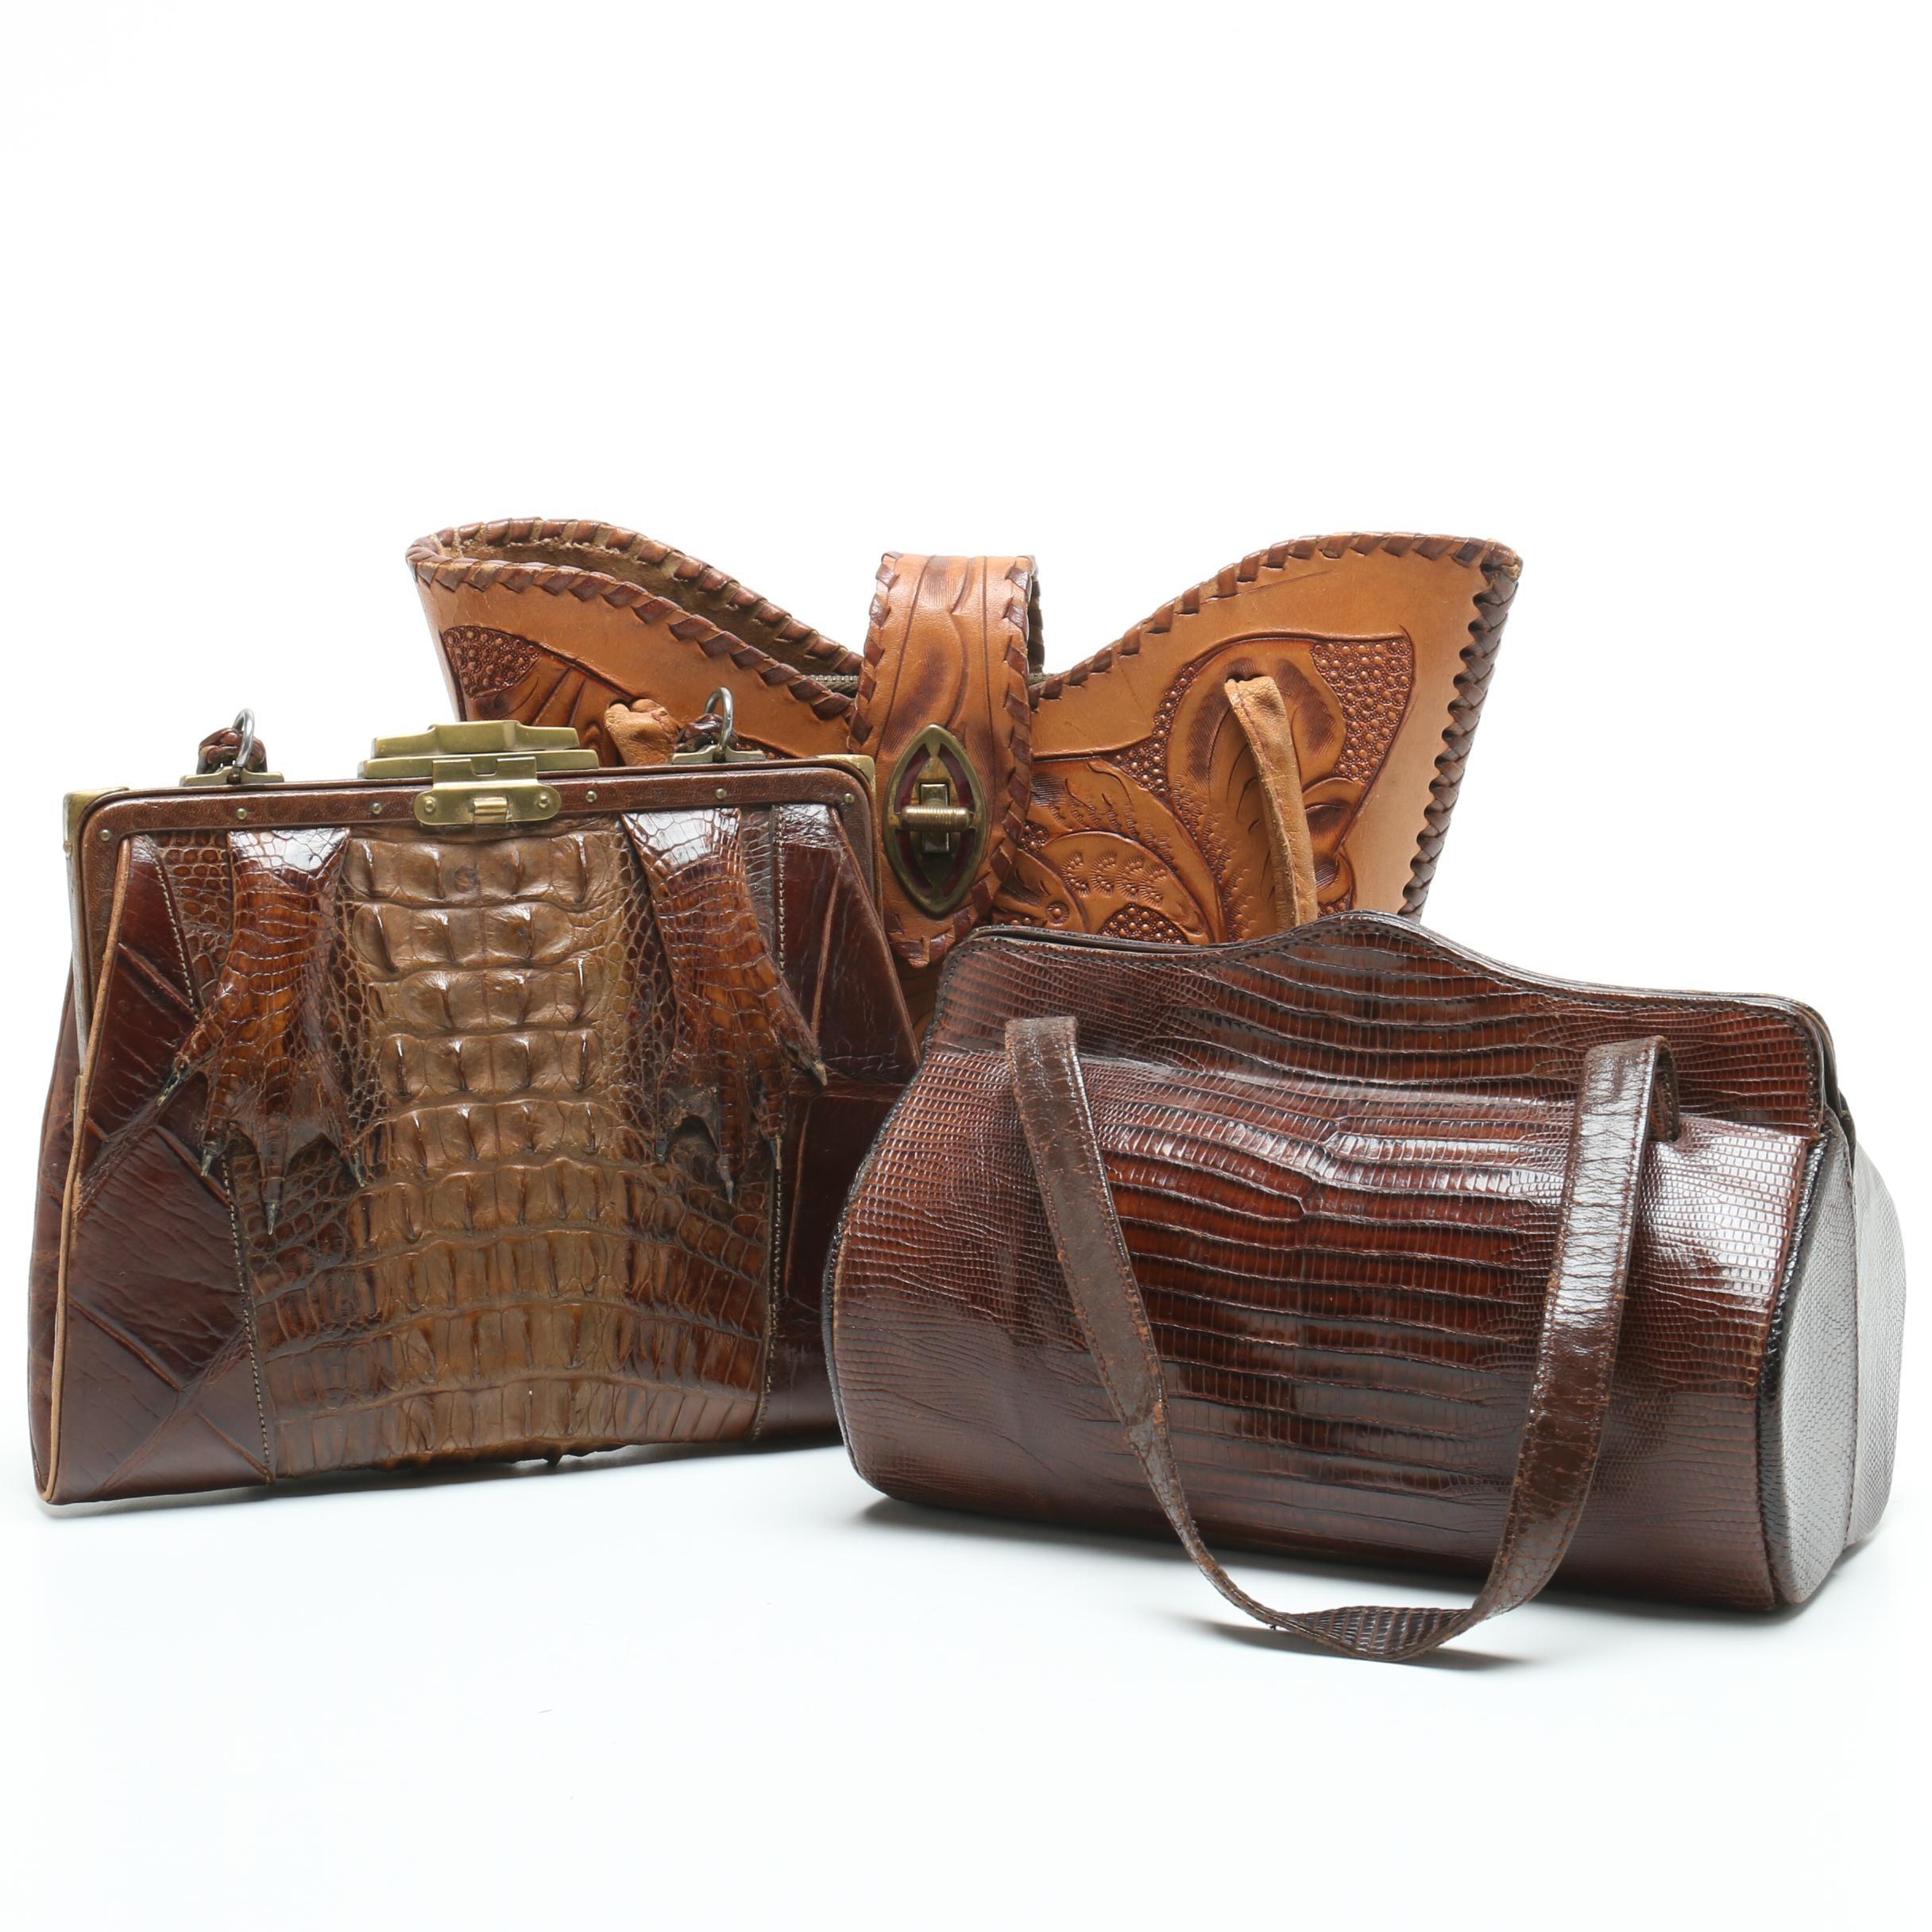 Alligator Frame Bag, Palizzio Lizard Barrel Bag and Tooled Leather Bag, Vintage